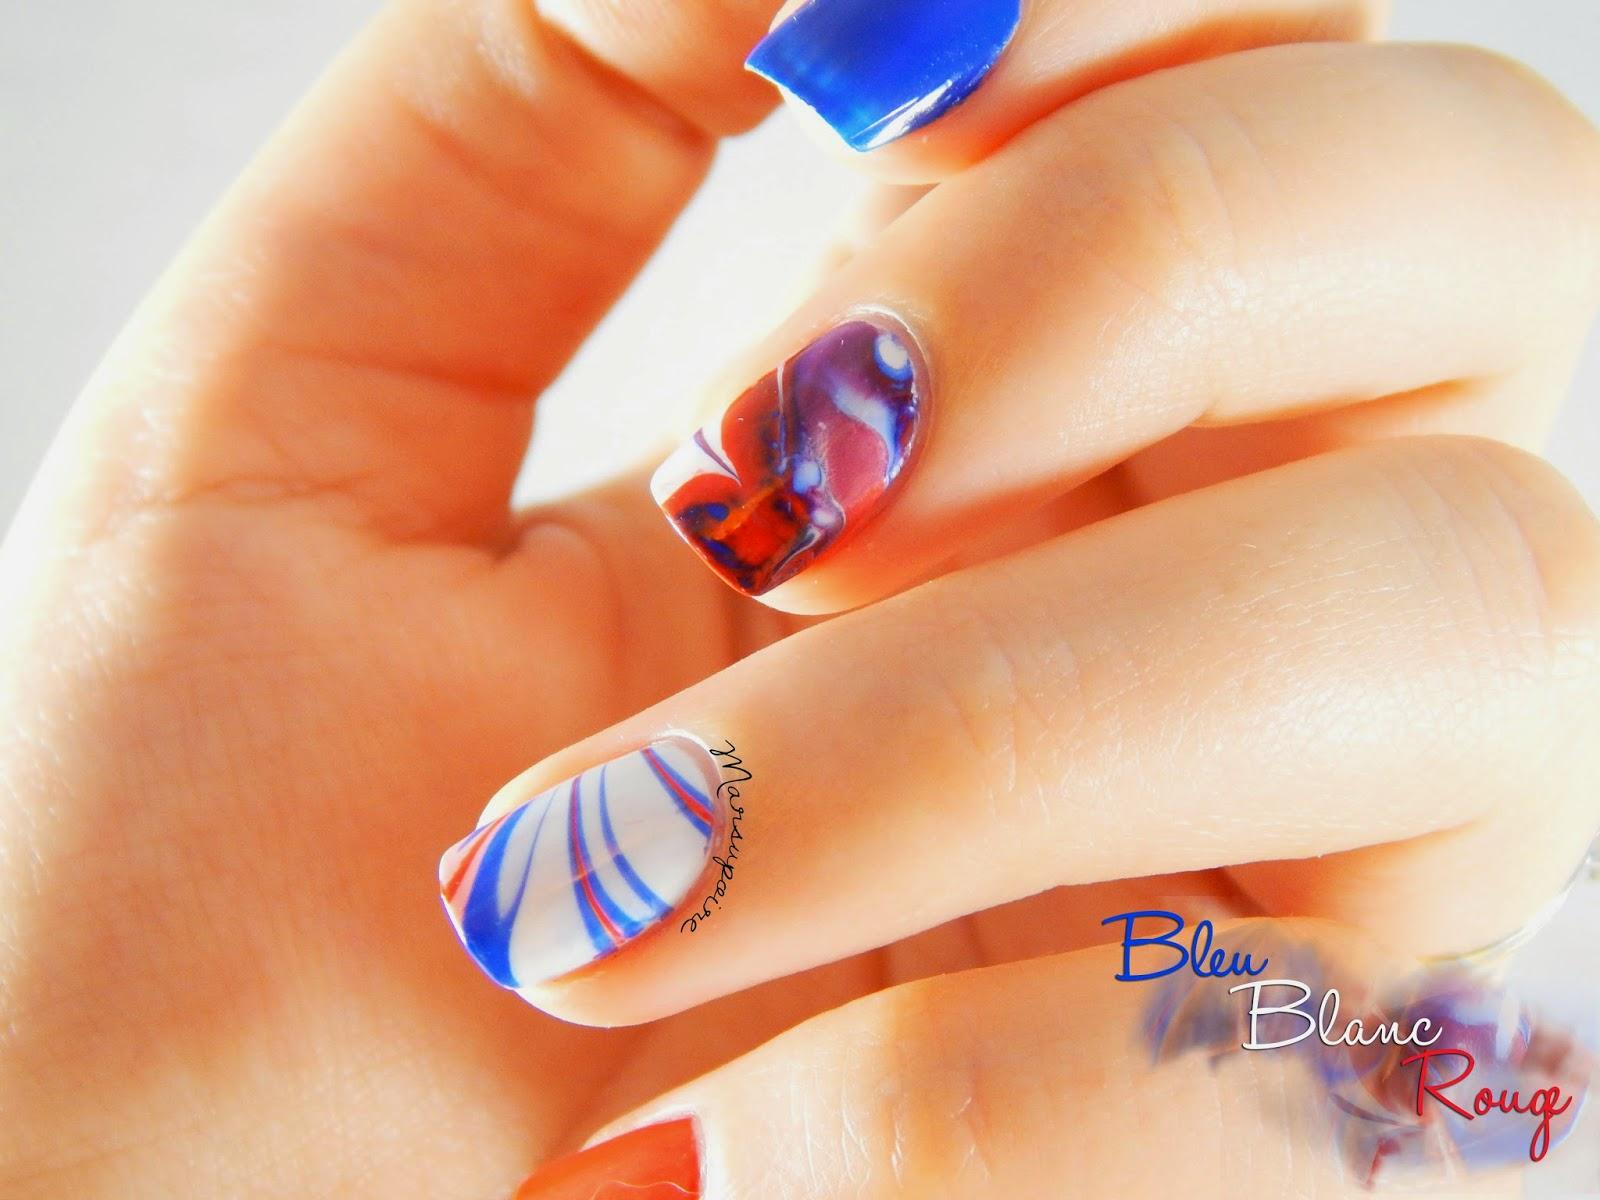 Nail art Watermarble bleu blanc rouge 2